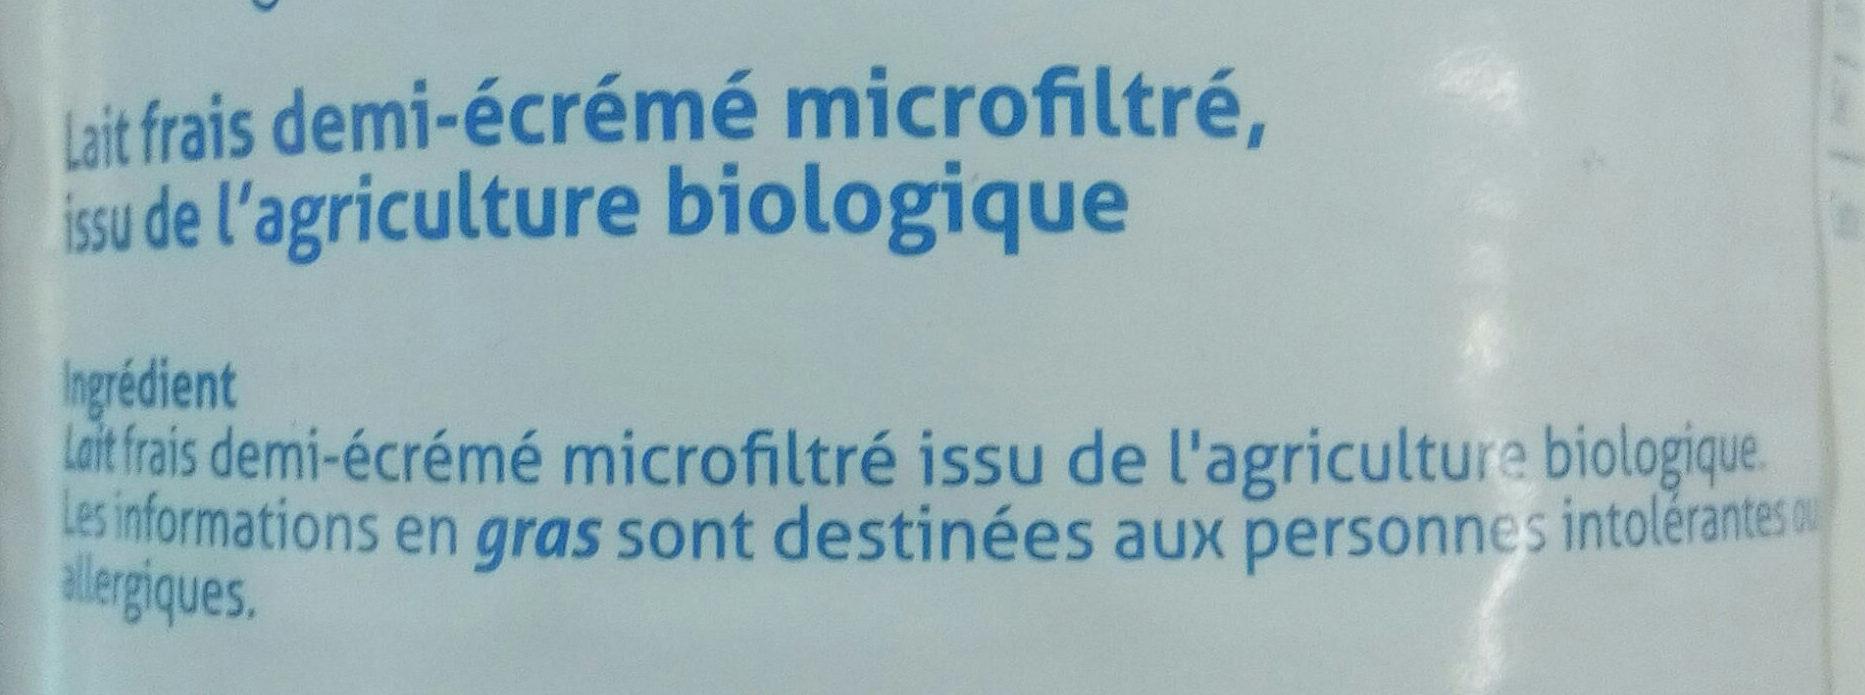 Lait Frais demi-écrémé microfiltré - Ingredients